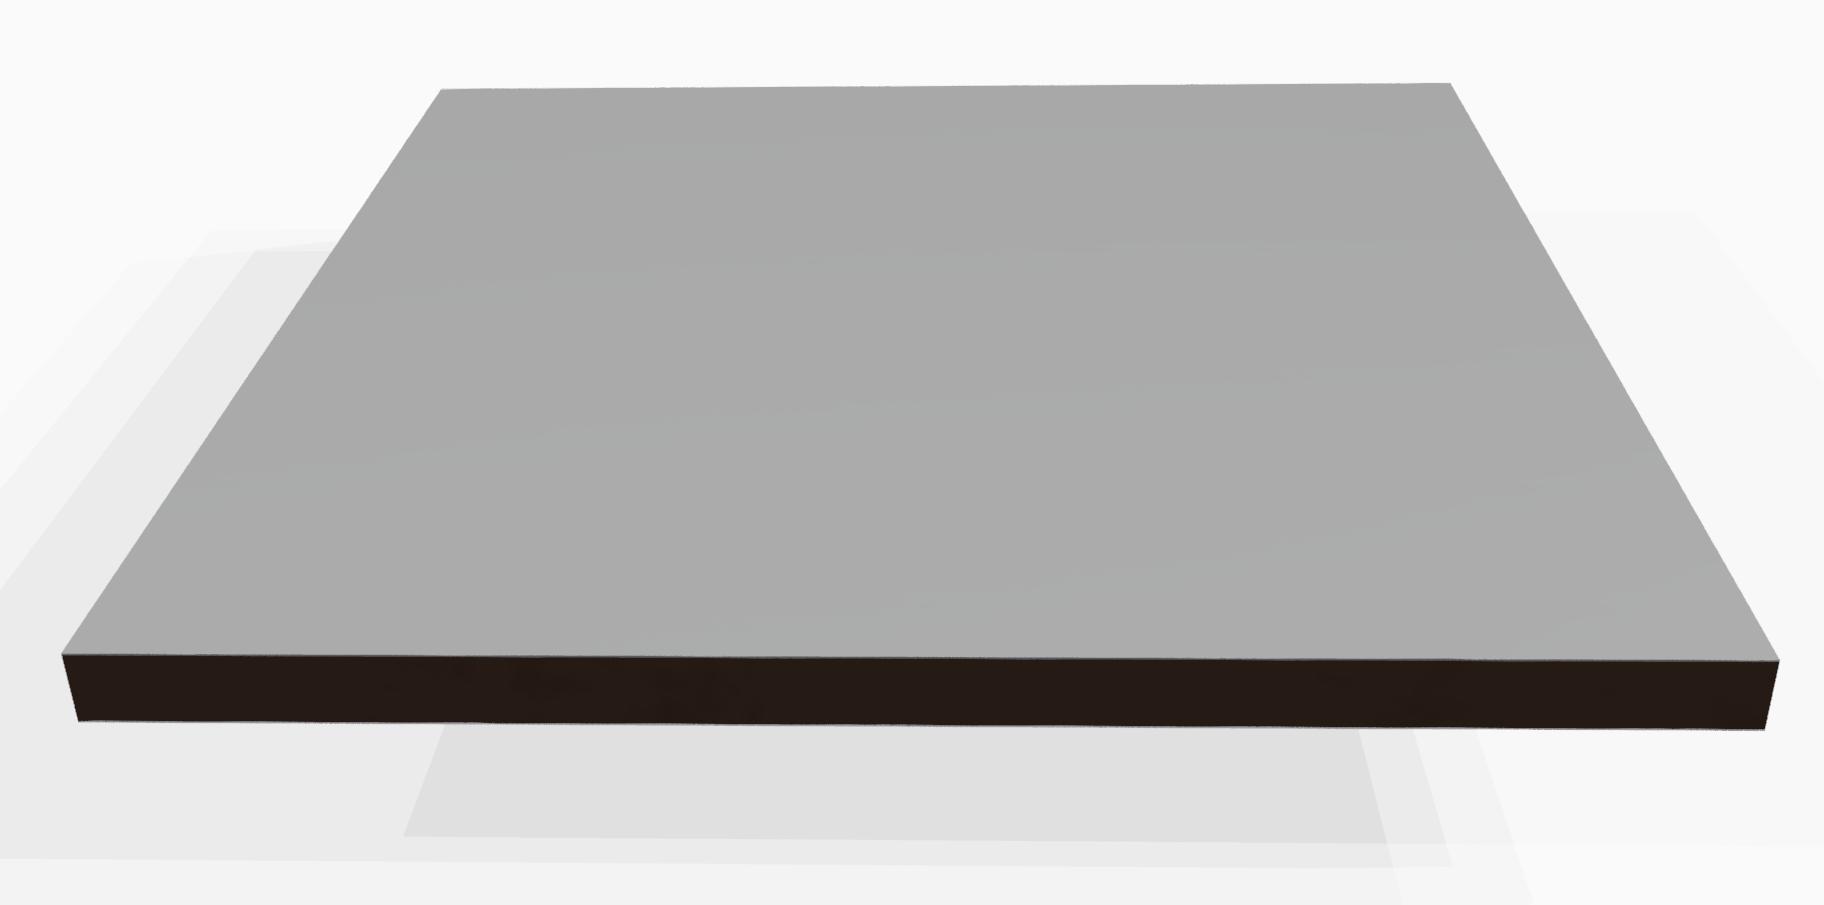 Vollkunststoff 10 mm ähnlich RAL 7035, grau